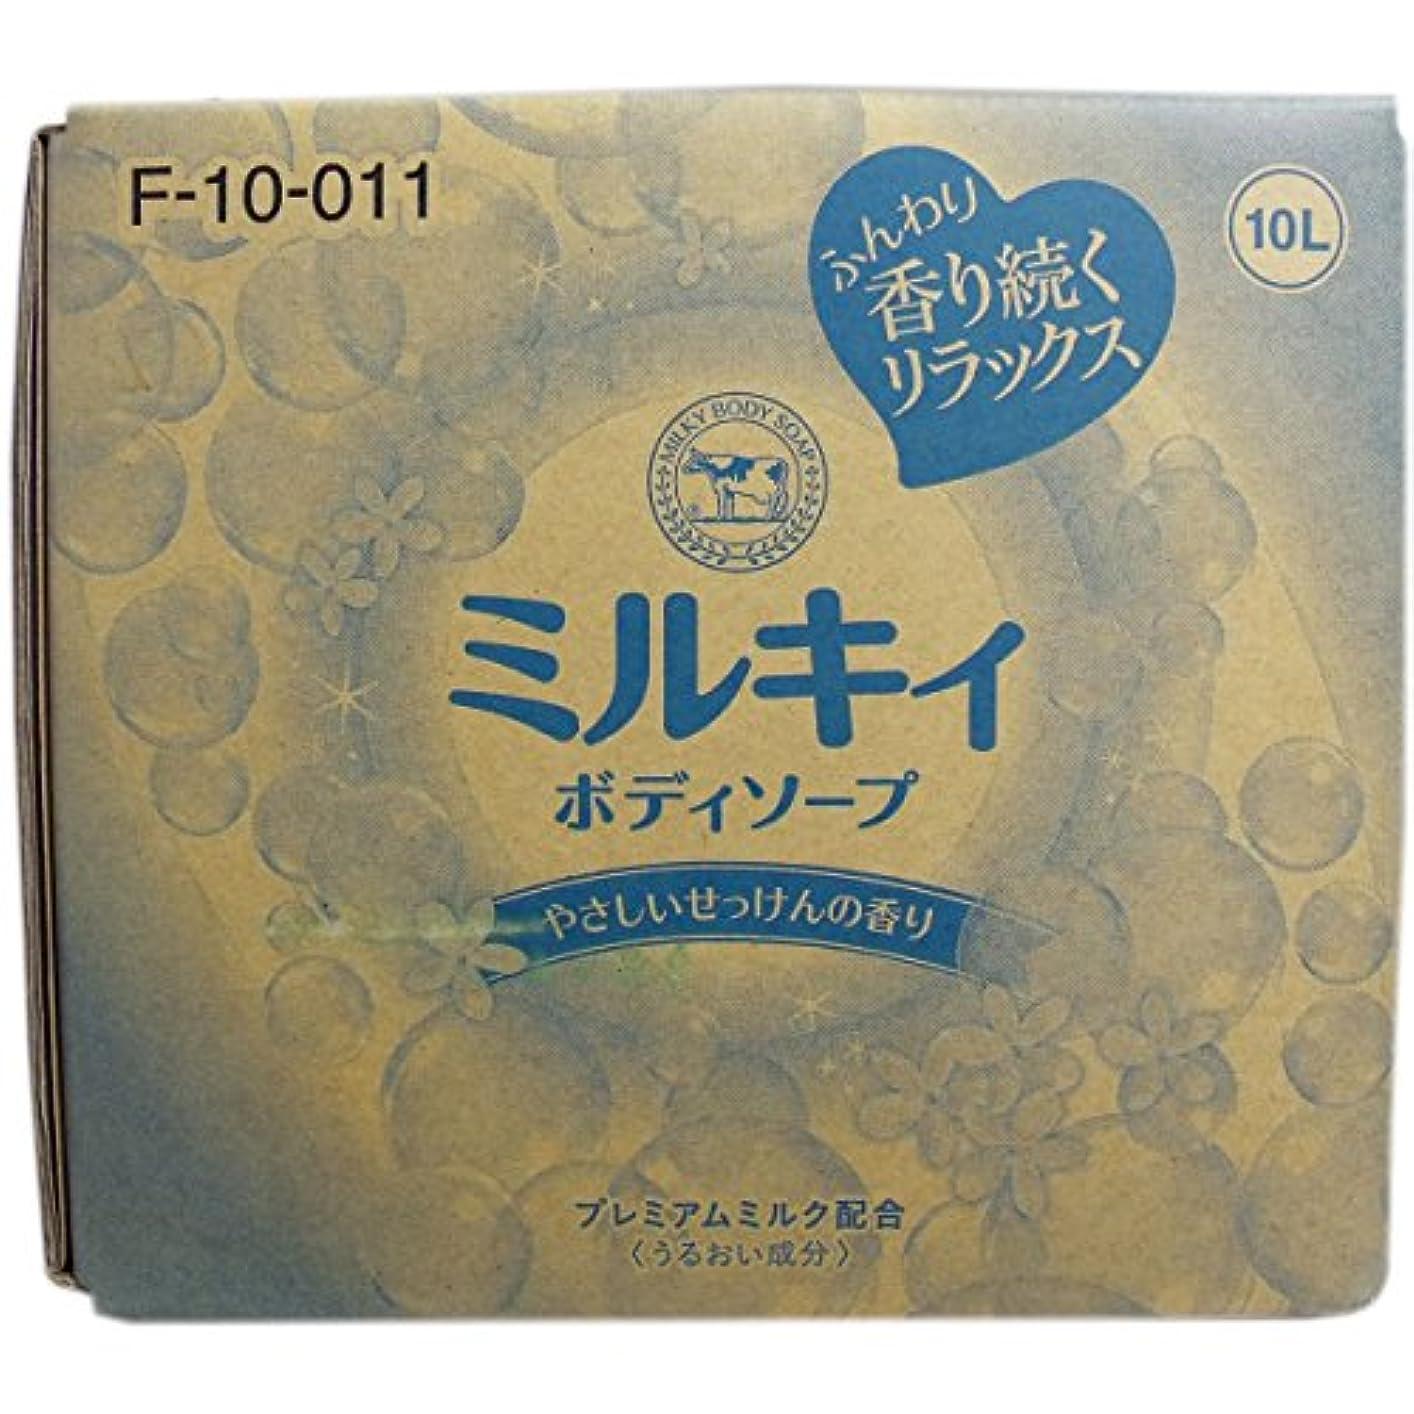 疑問に思う抵抗するレオナルドダ業務用ボディーソープ【牛乳石鹸 ミルキィボディソープ やさしいせっけんの香り 10L】